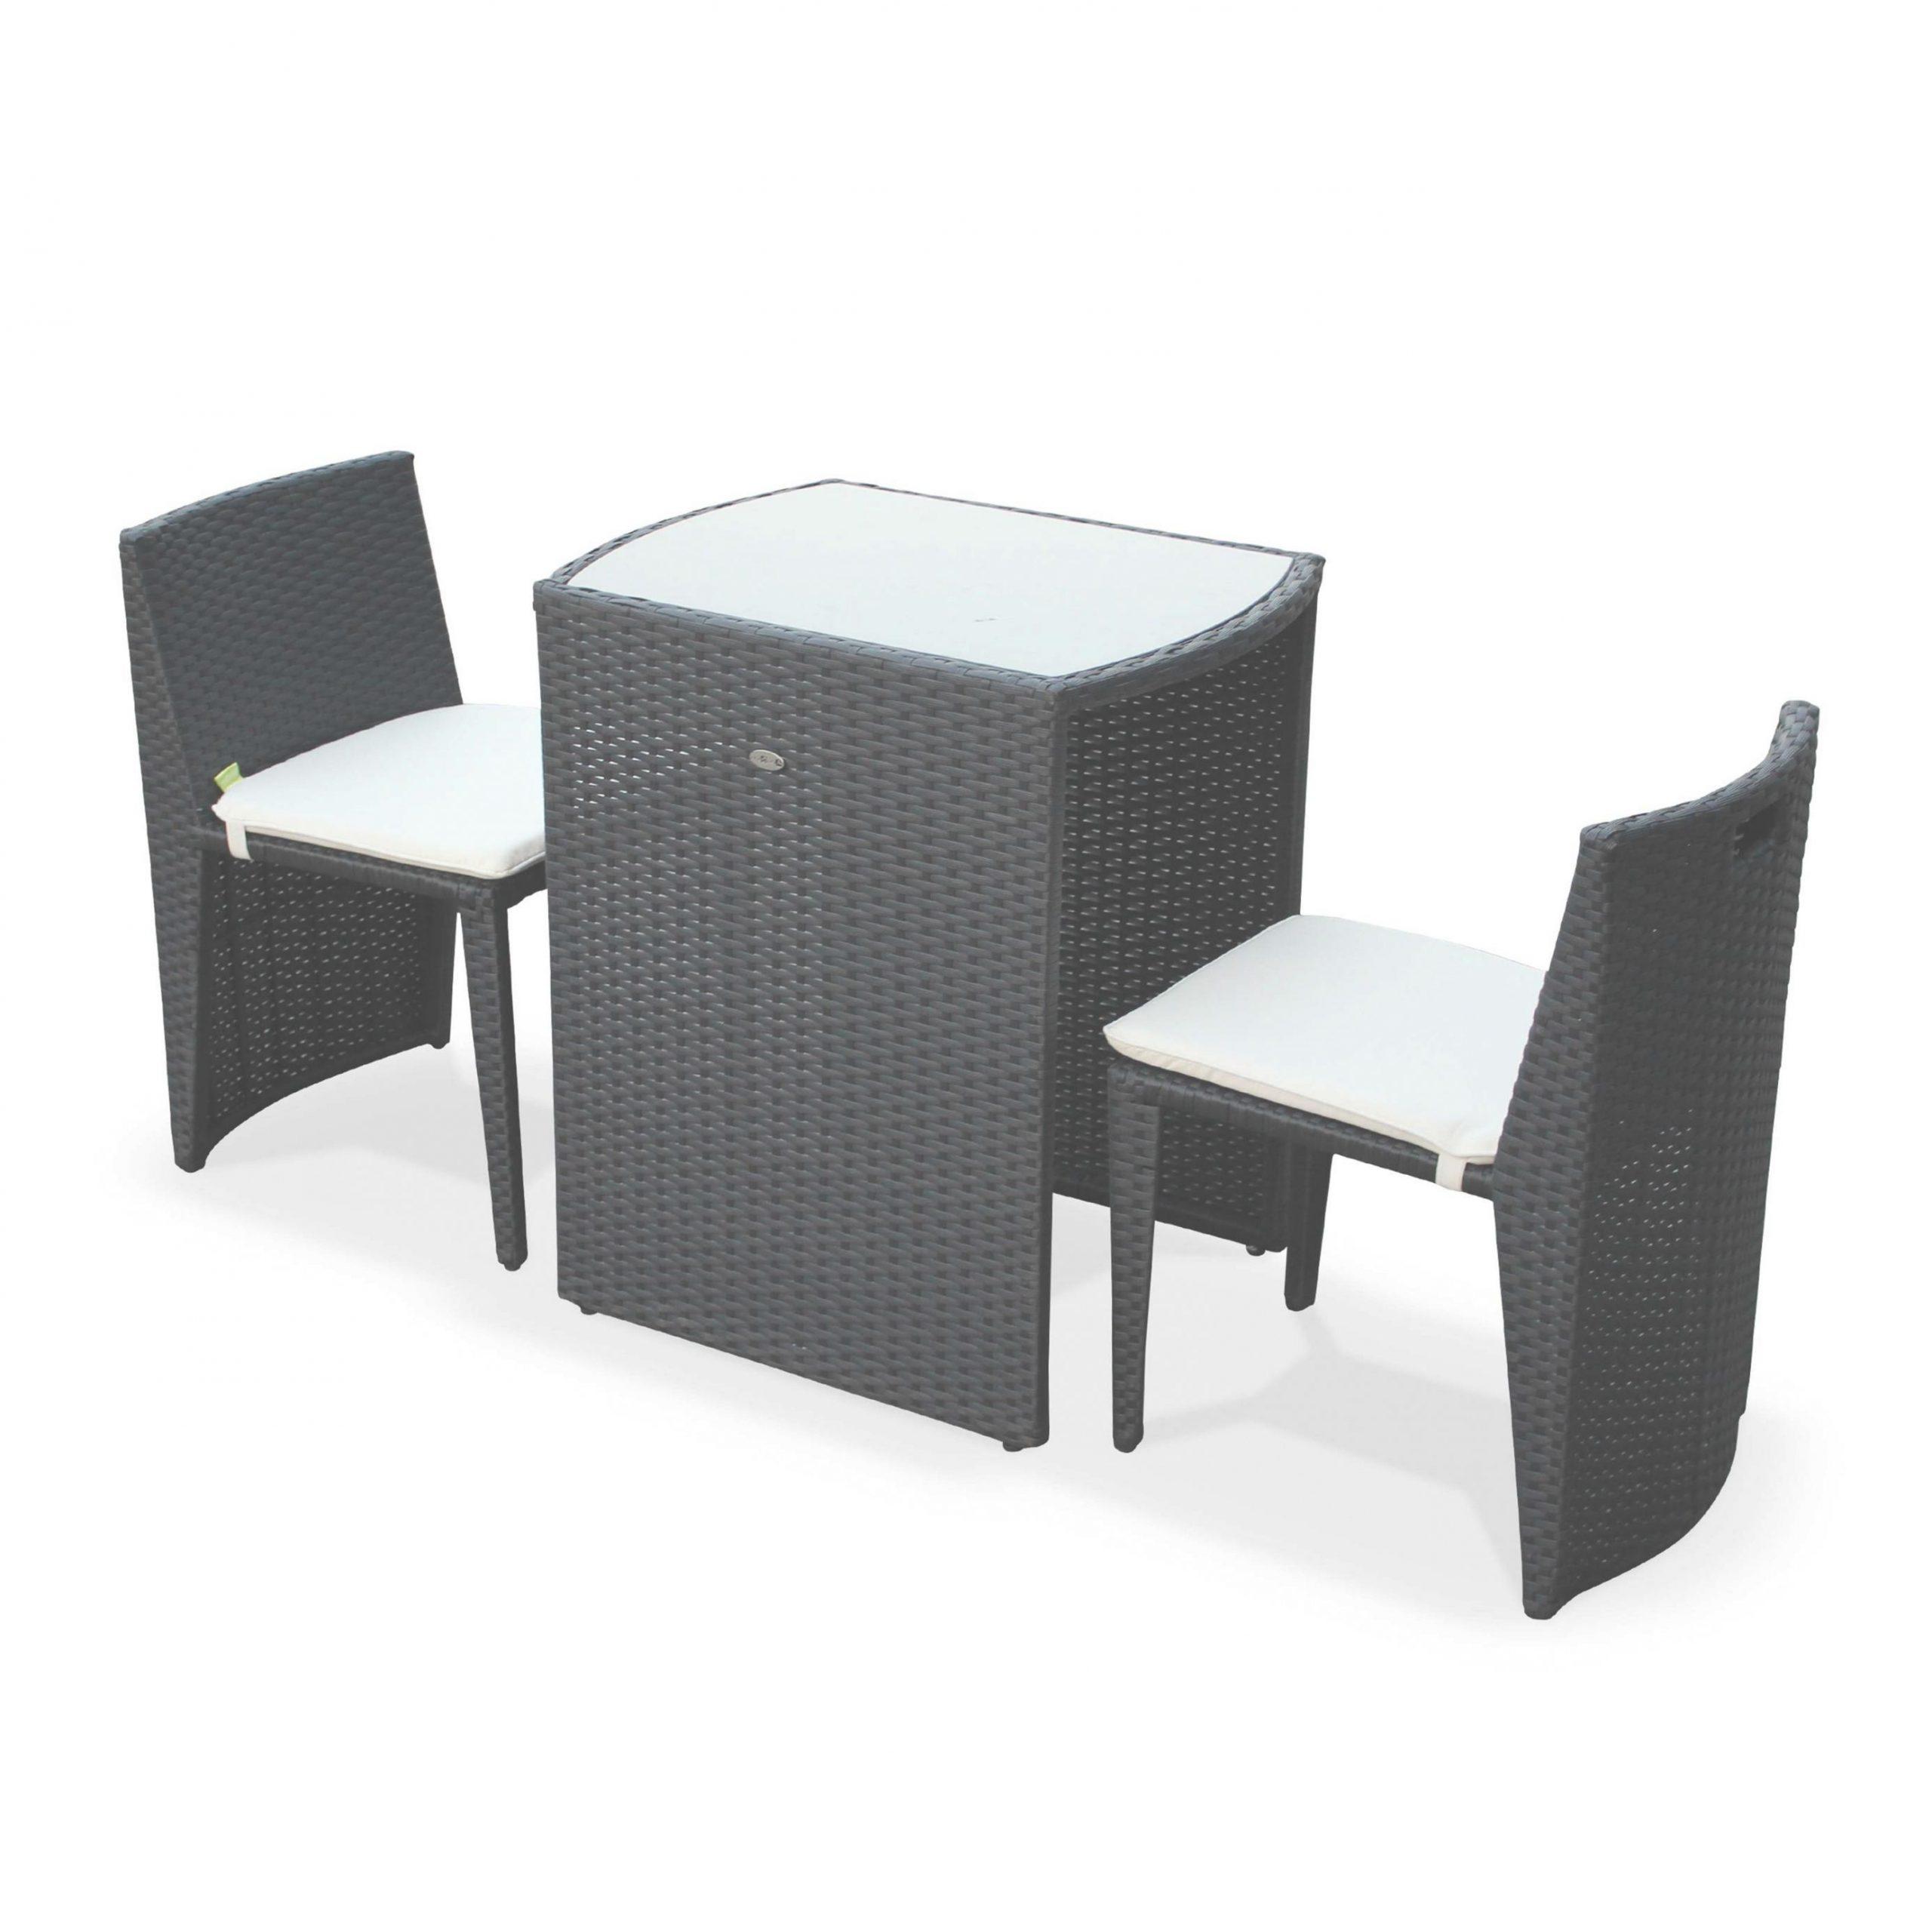 À Nouveau Table Salon Frais De Couette Ikea Blanc Lit Casa ... serapportantà Salon De Jardin Casa